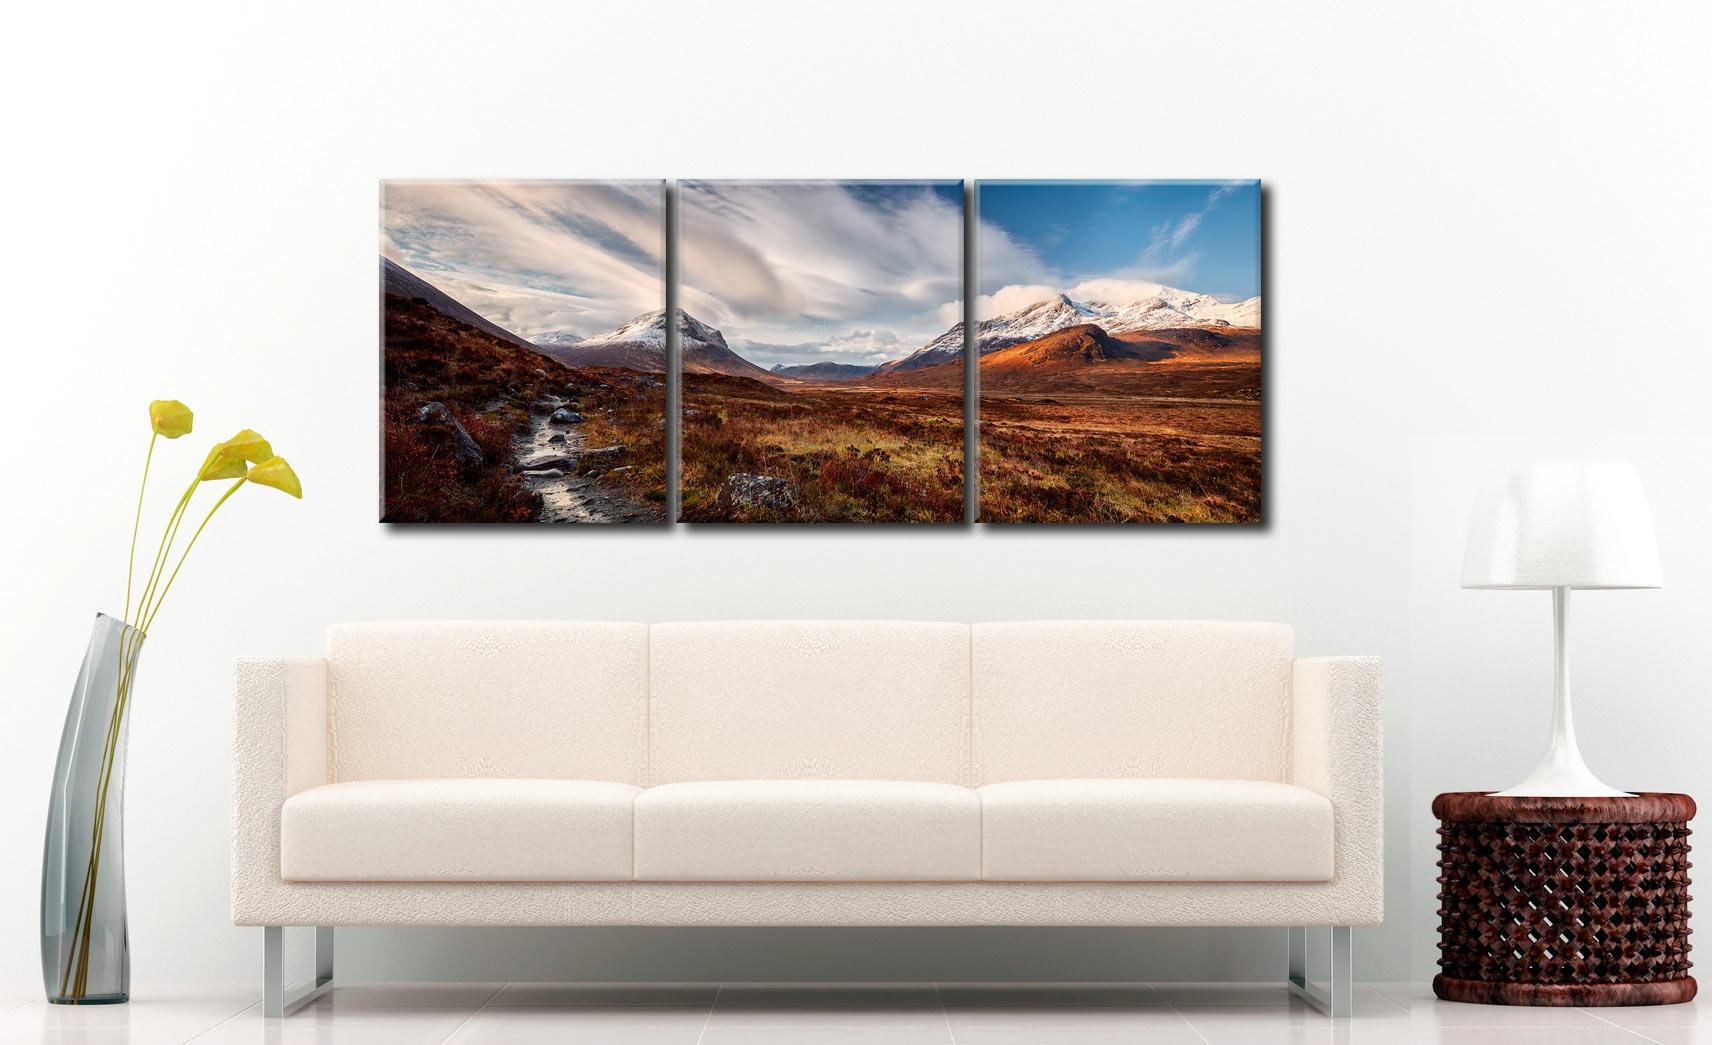 Glen Sligachan Isle of Skye - 3 Panel Canvas on Wall